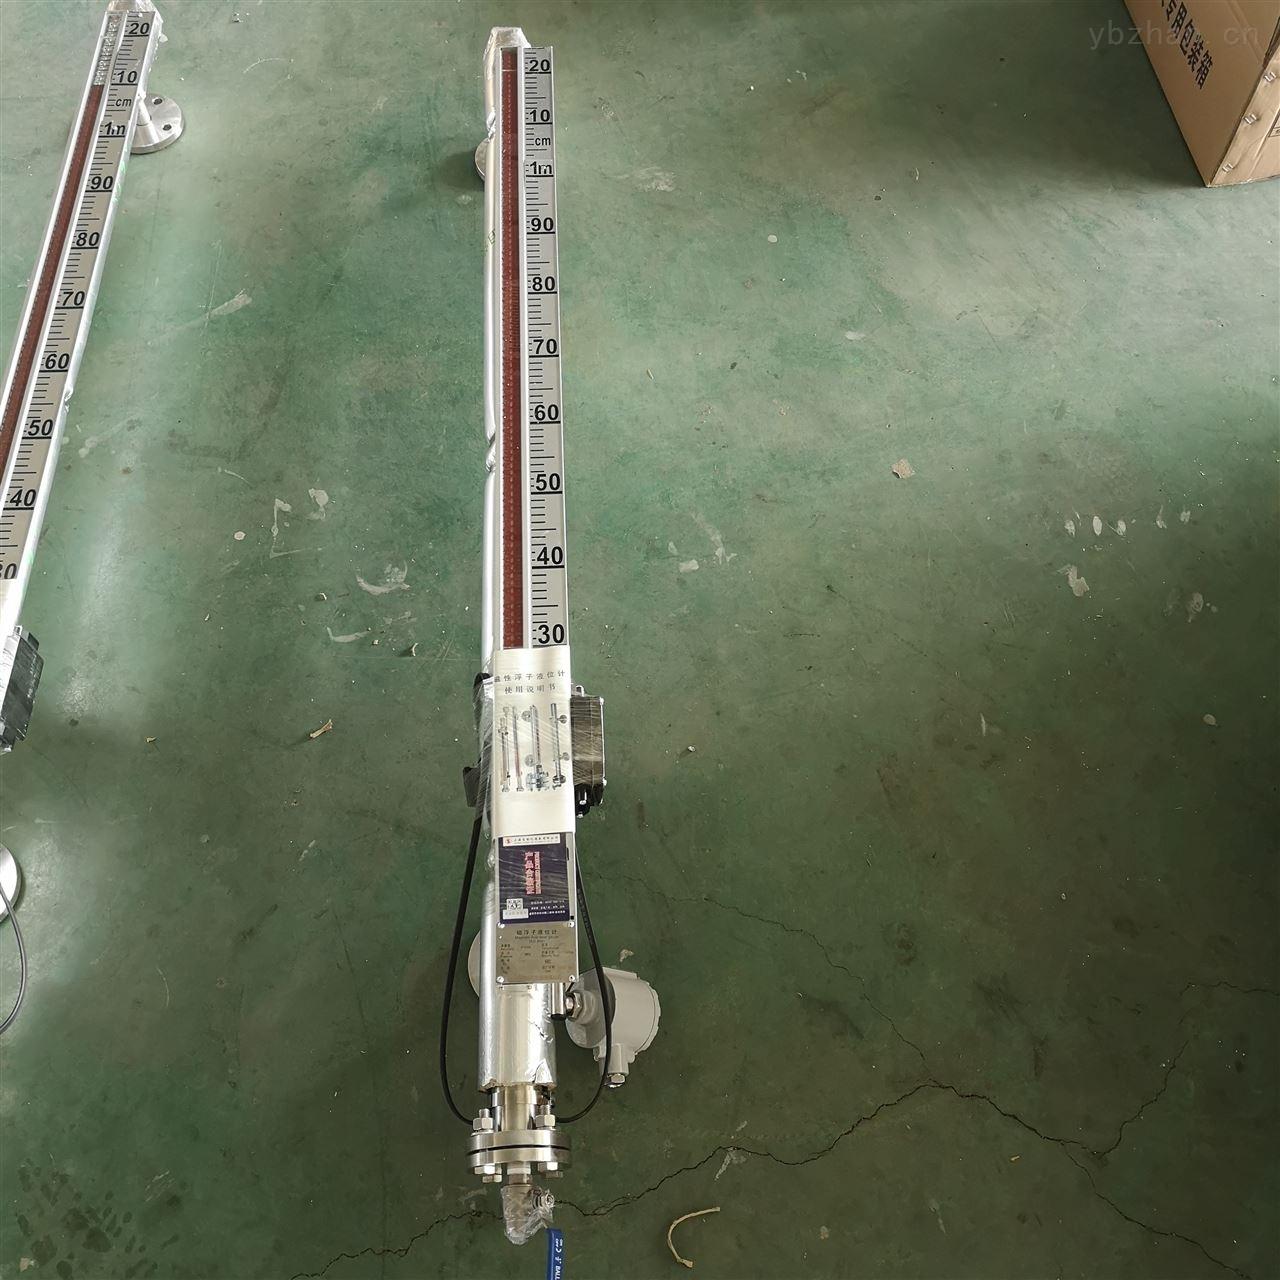 高温锅炉重锤浮标液位计密度差0.15g